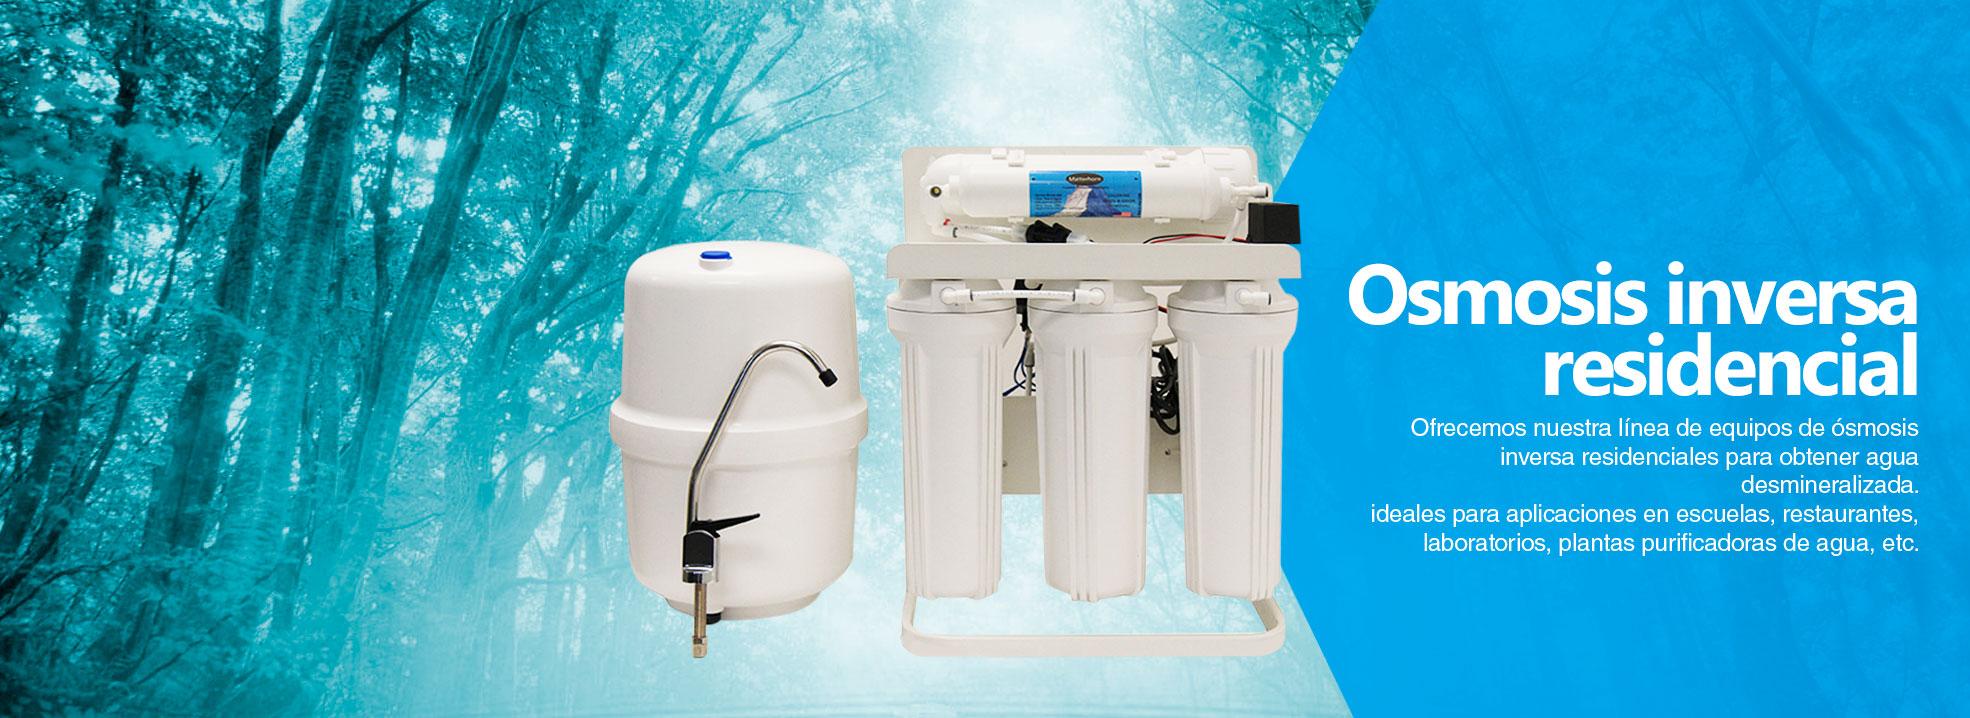 Sistemas de tratamiento de aguas residuales smosis - Tratamiento del agua ...